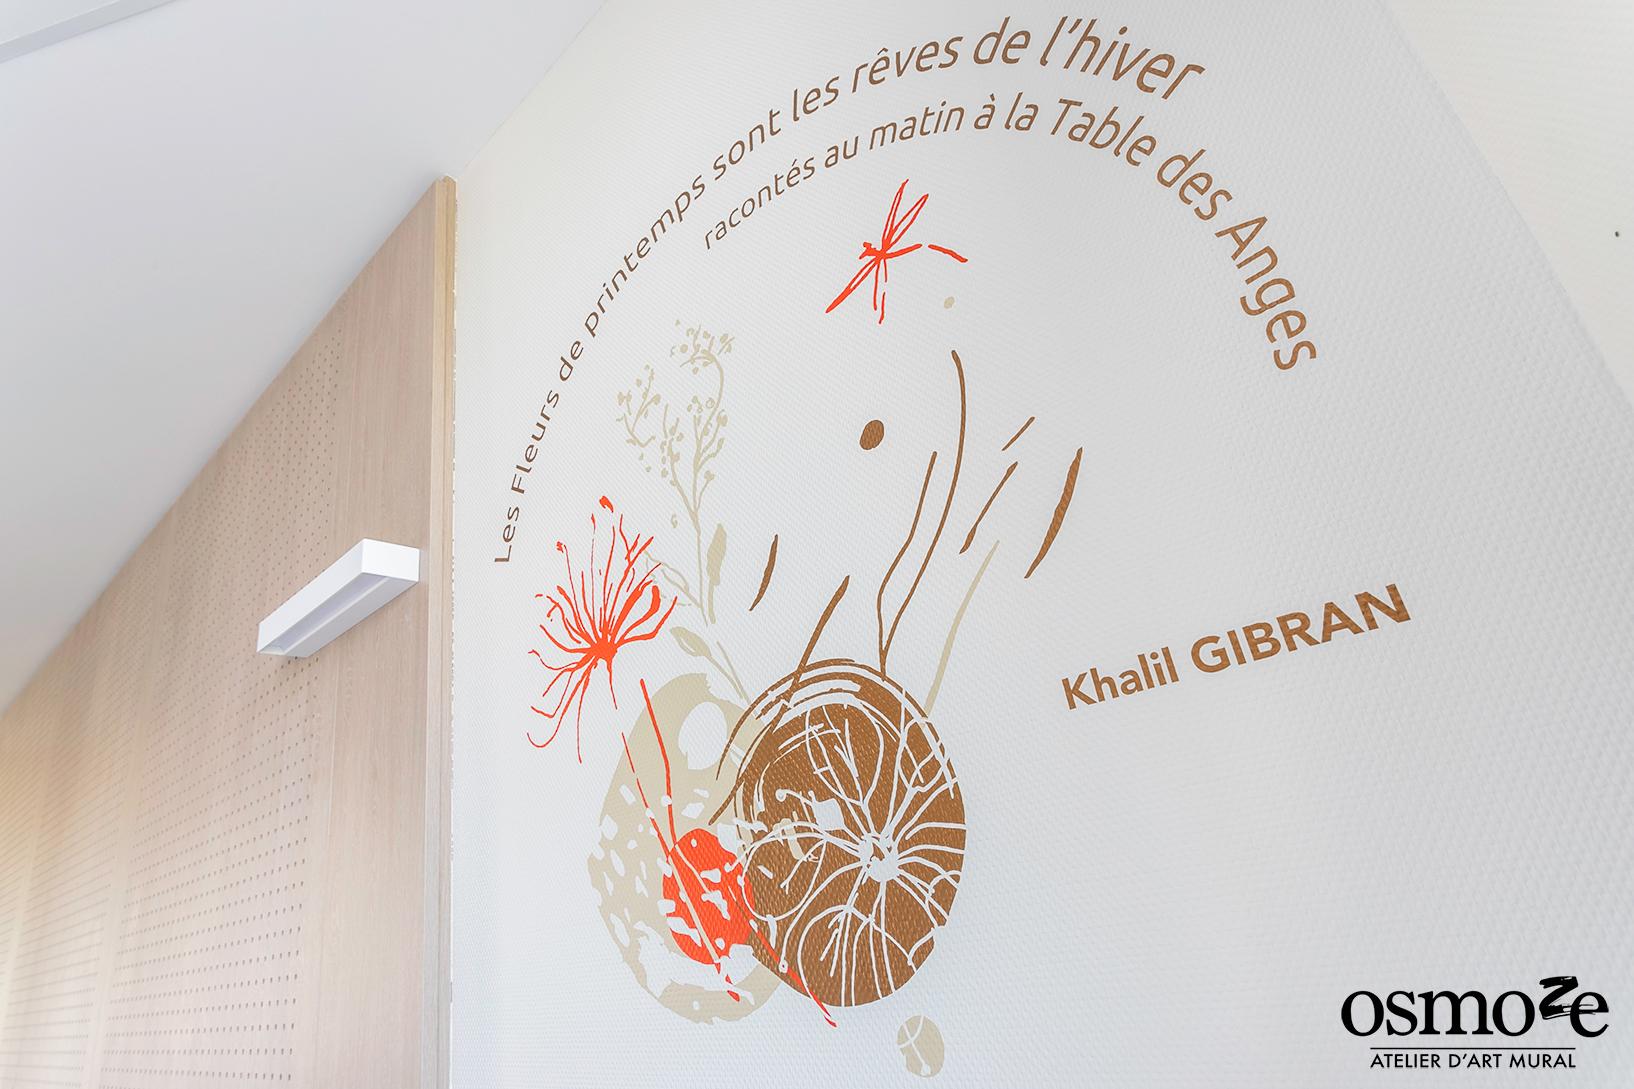 Osmoze > Décoration murale > Signalétique décorative > Bourgueil > Hiver